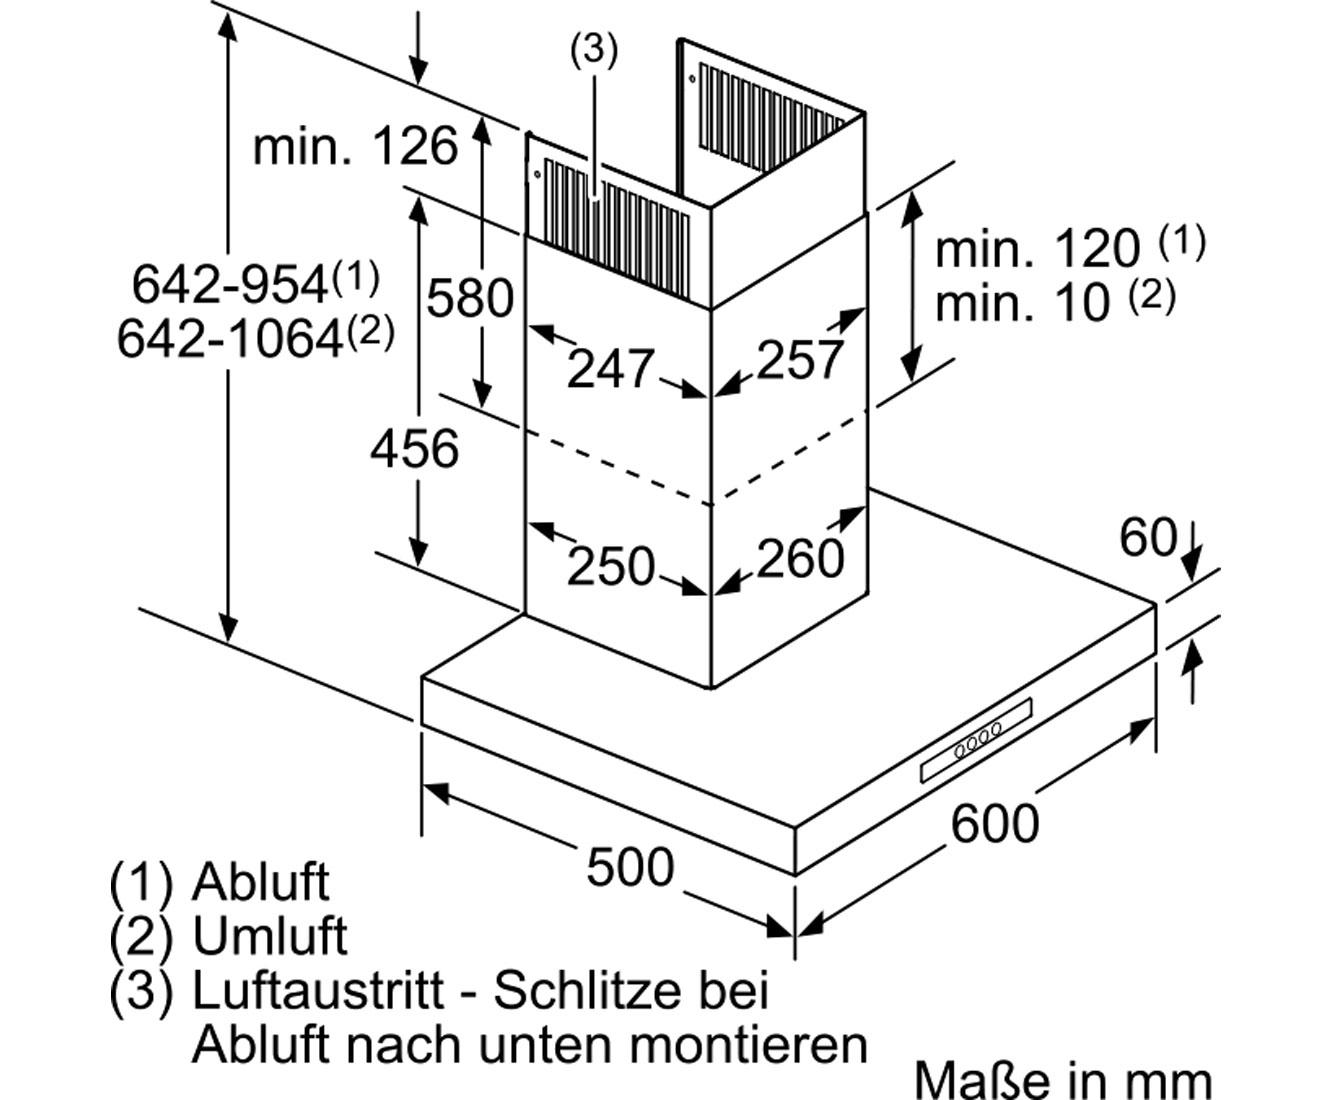 Dunstabzugshaube Abluft Montage Bosch Serie 2 Dwb96bc50 Wandhaube